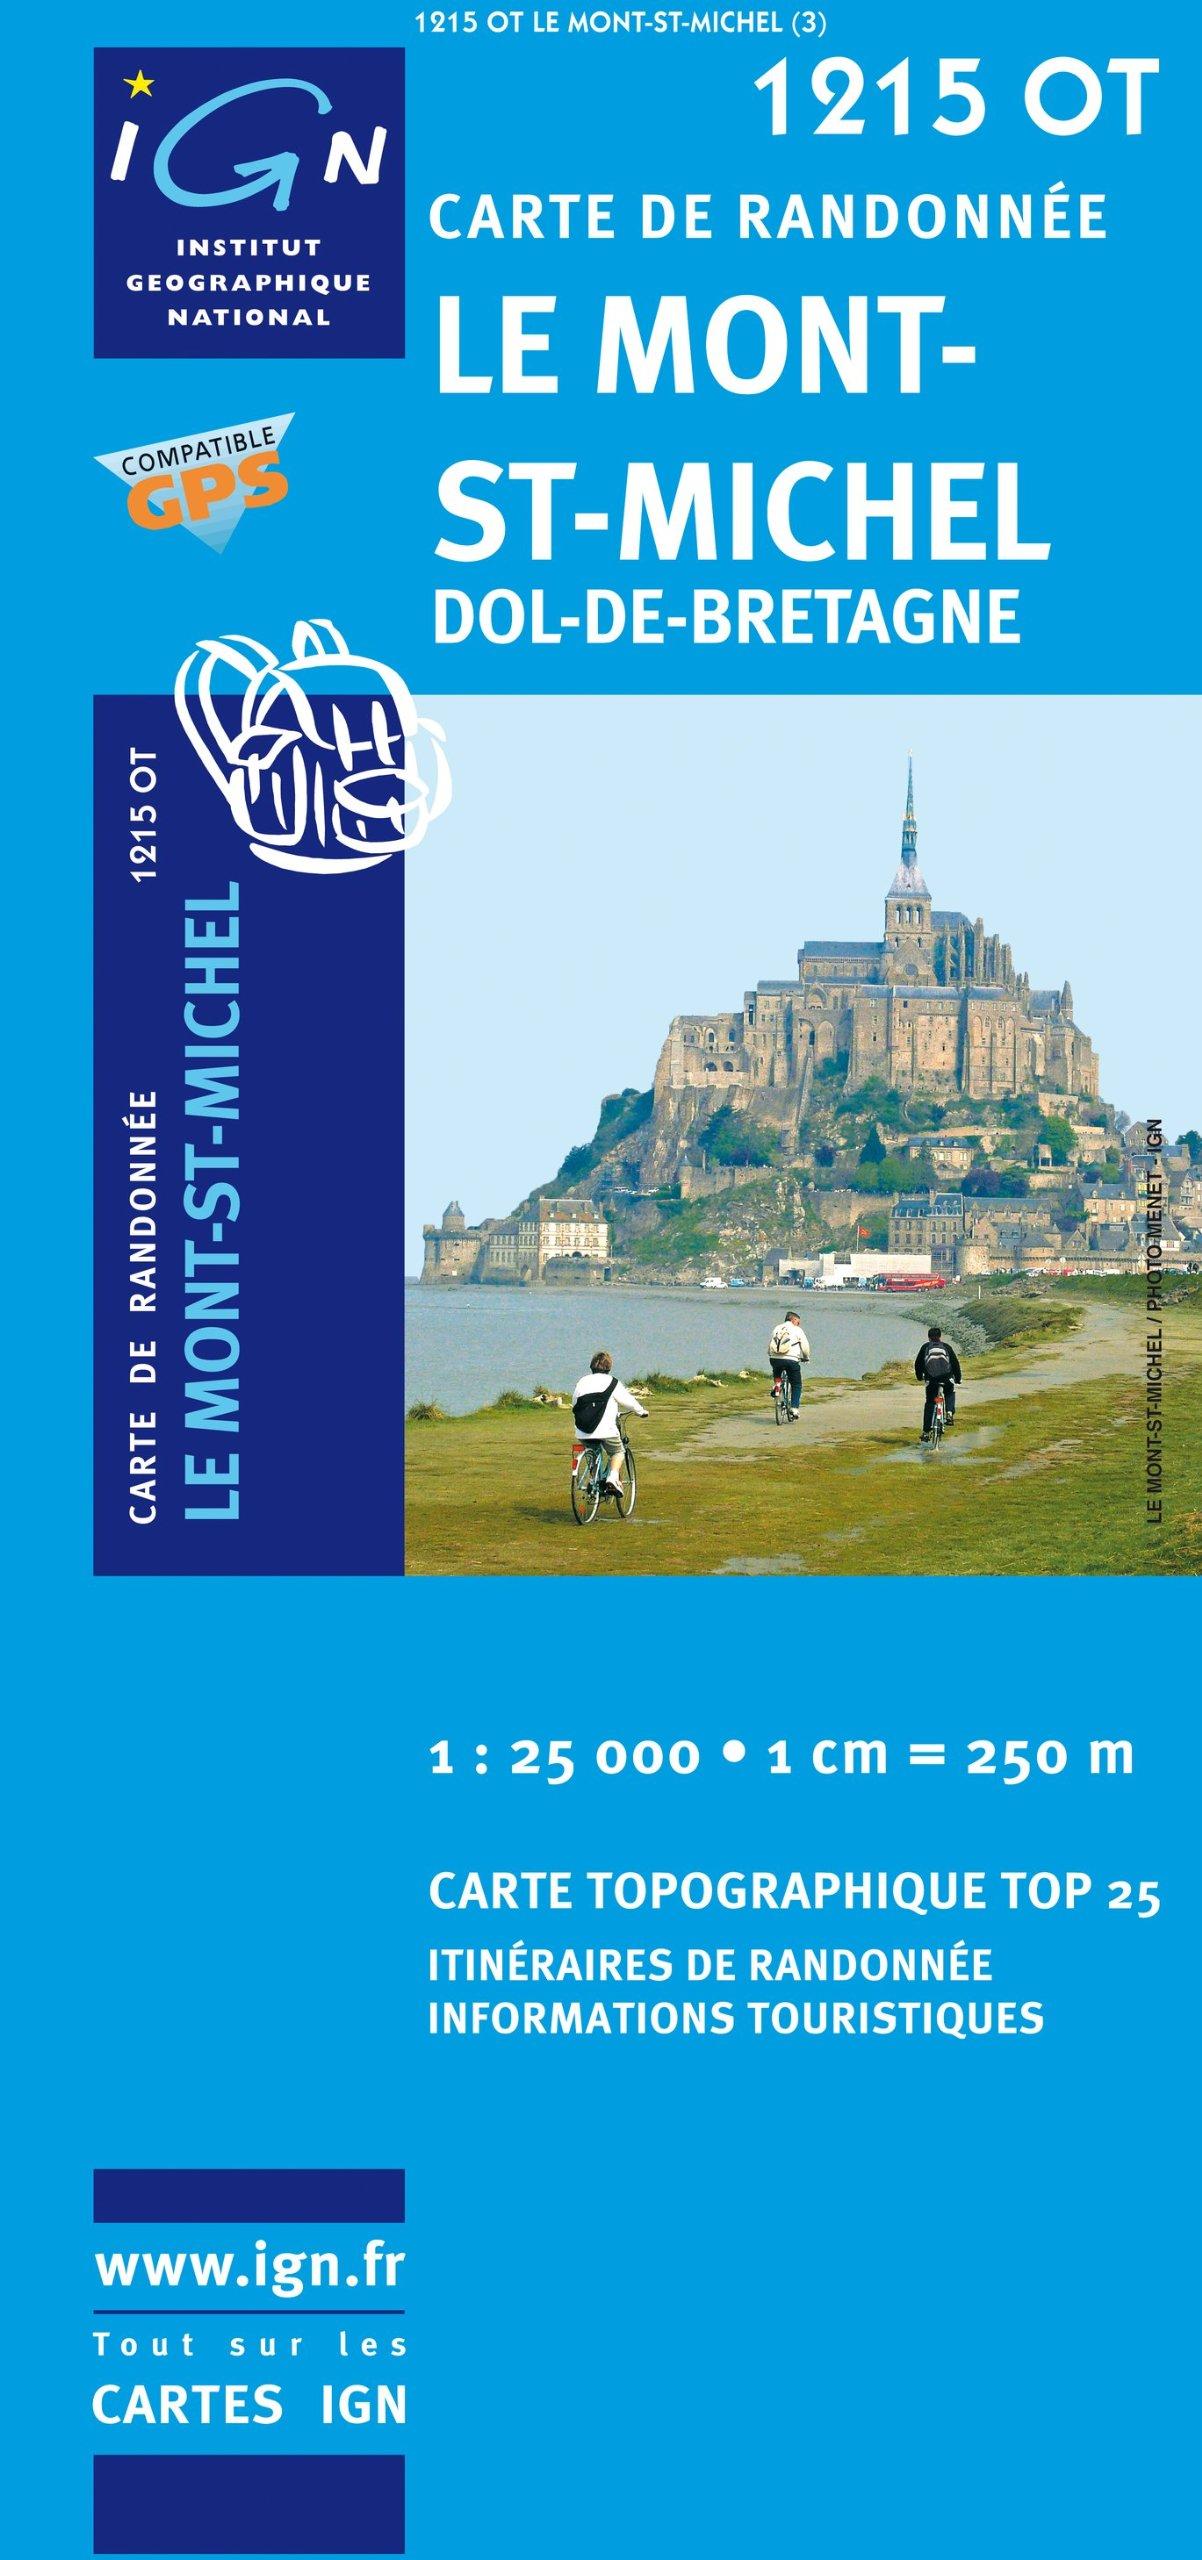 Carte Bretagne Randonnee.Amazon Fr Le Mont St Michel Dol De Bretagne Ign 1215ot Carte De